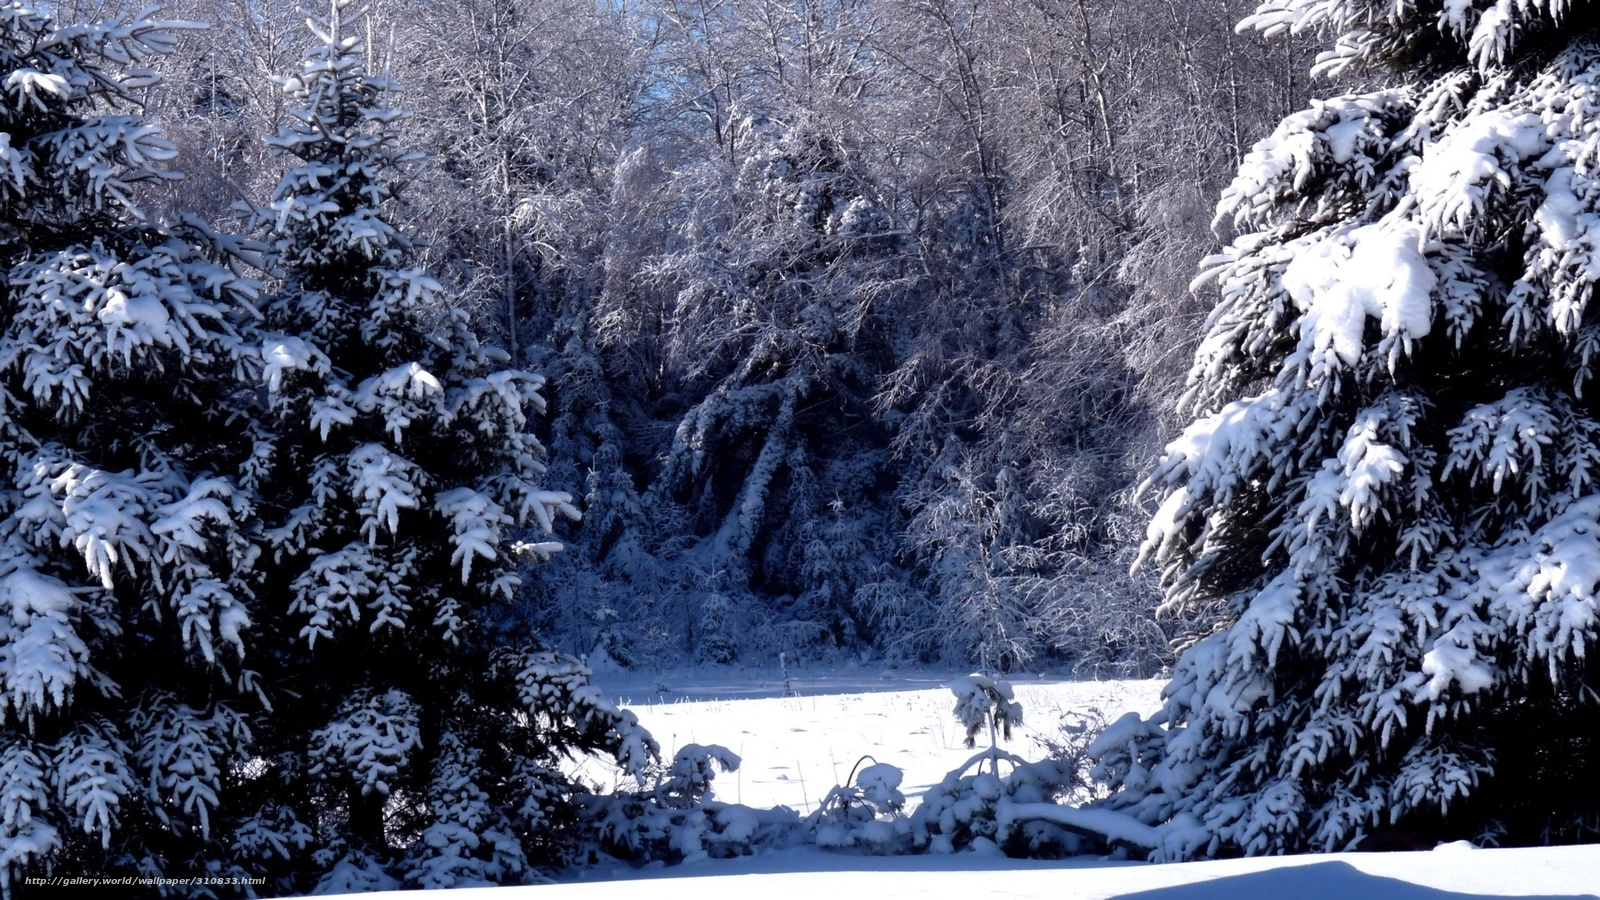 Сказочный, зимний, лес, фото, обои ...: koto-fot.ru/gdefon/kotofots/full/310833-kotofotsfull